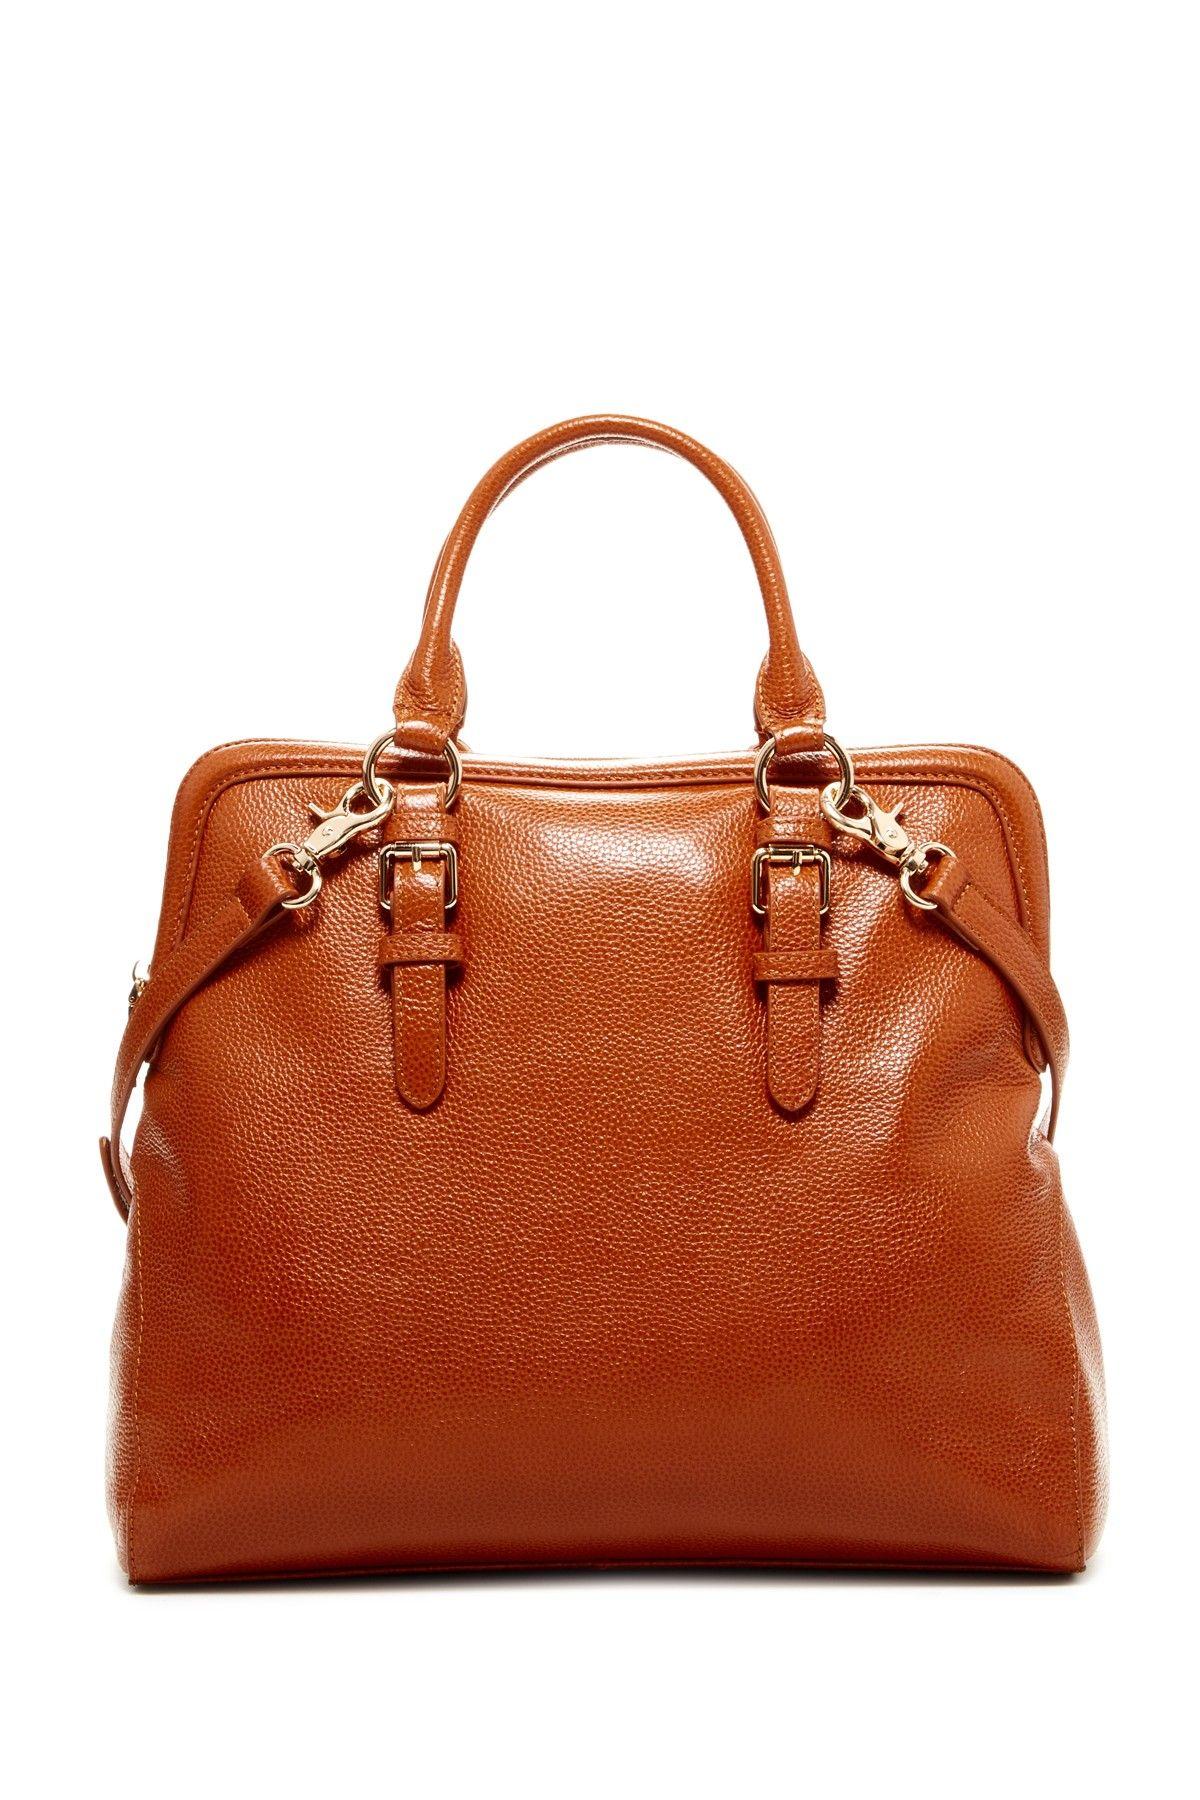 Zenith Handbags Buckle Detail Dome Satchel Hautelook